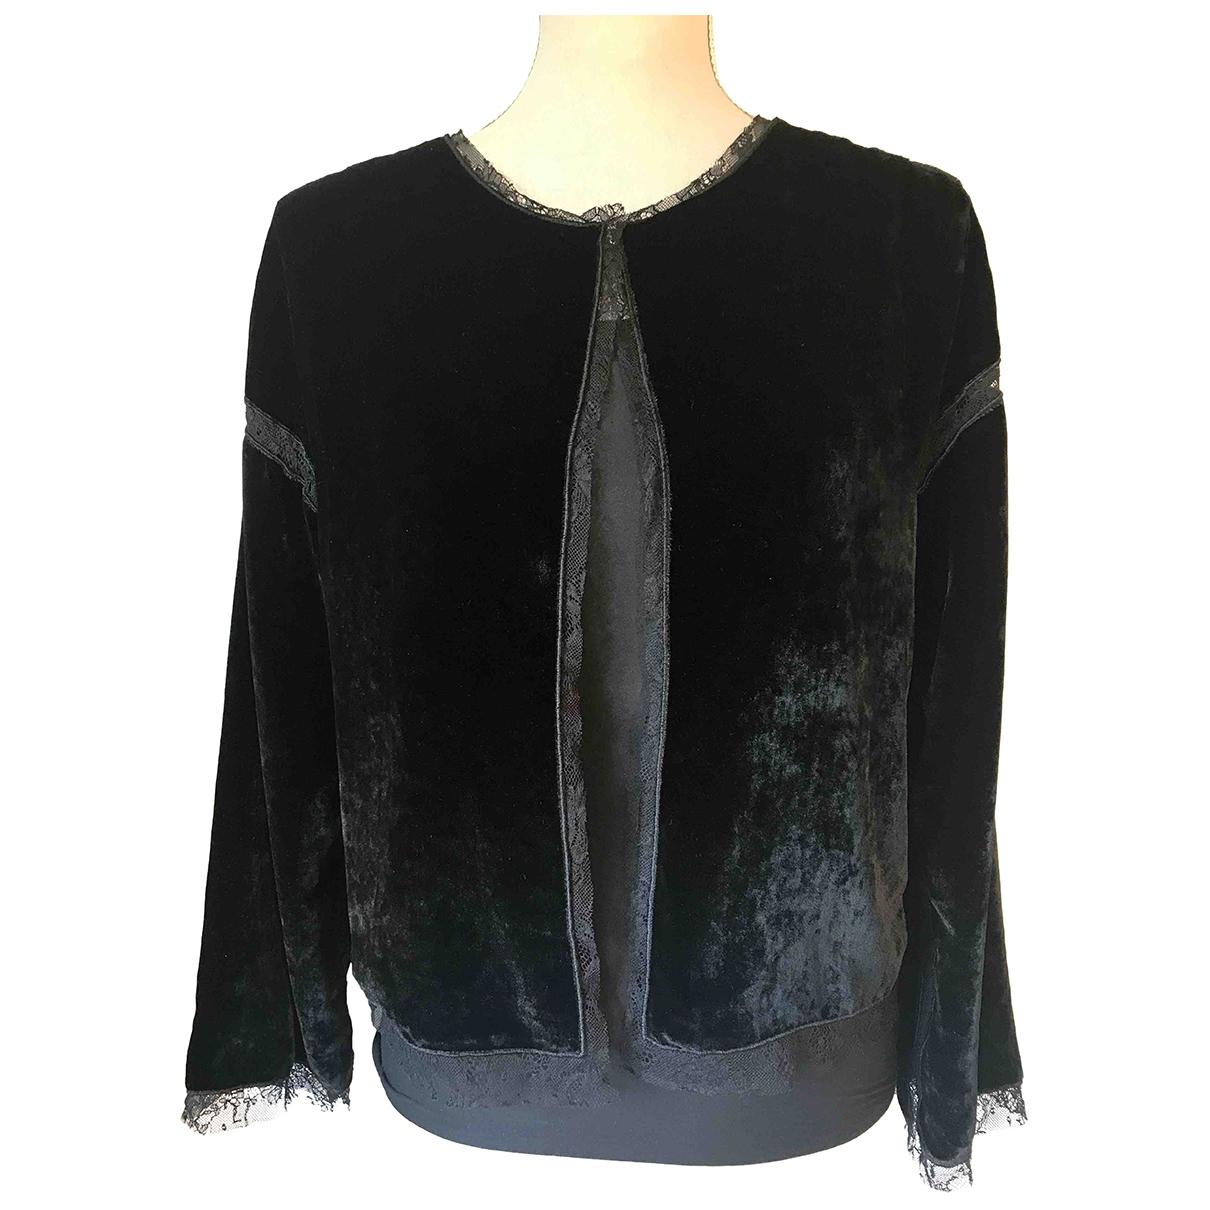 D&g \N Black Velvet jacket for Women 40 IT